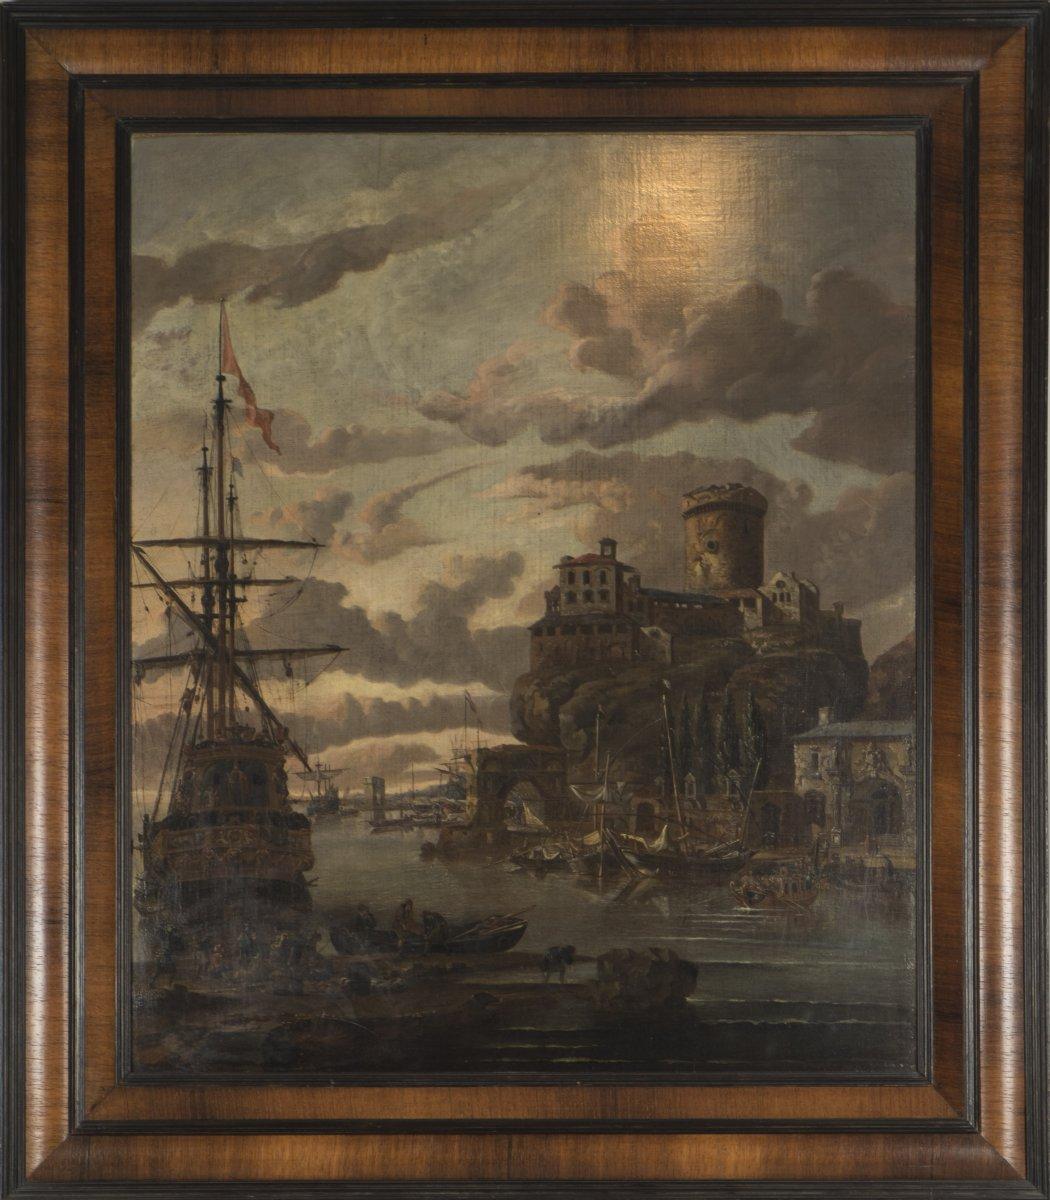 A storck 1635 1710 vue d 39 un port xviiie si cle for Un porte vue